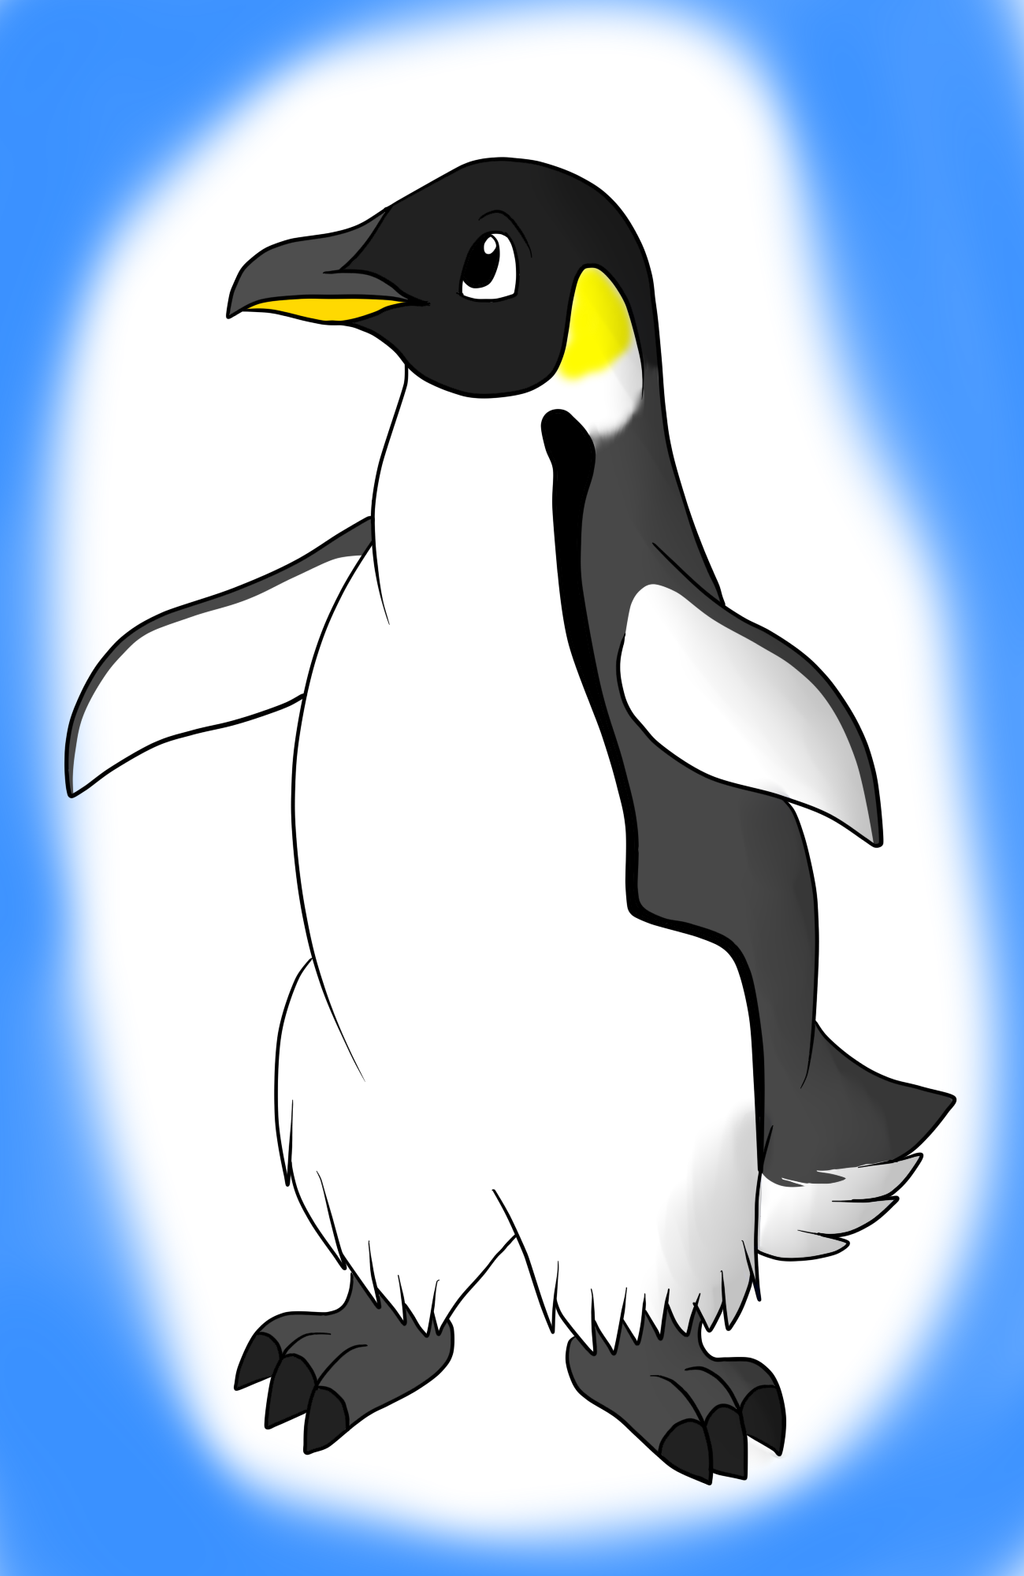 Пингвины картинки нарисованные